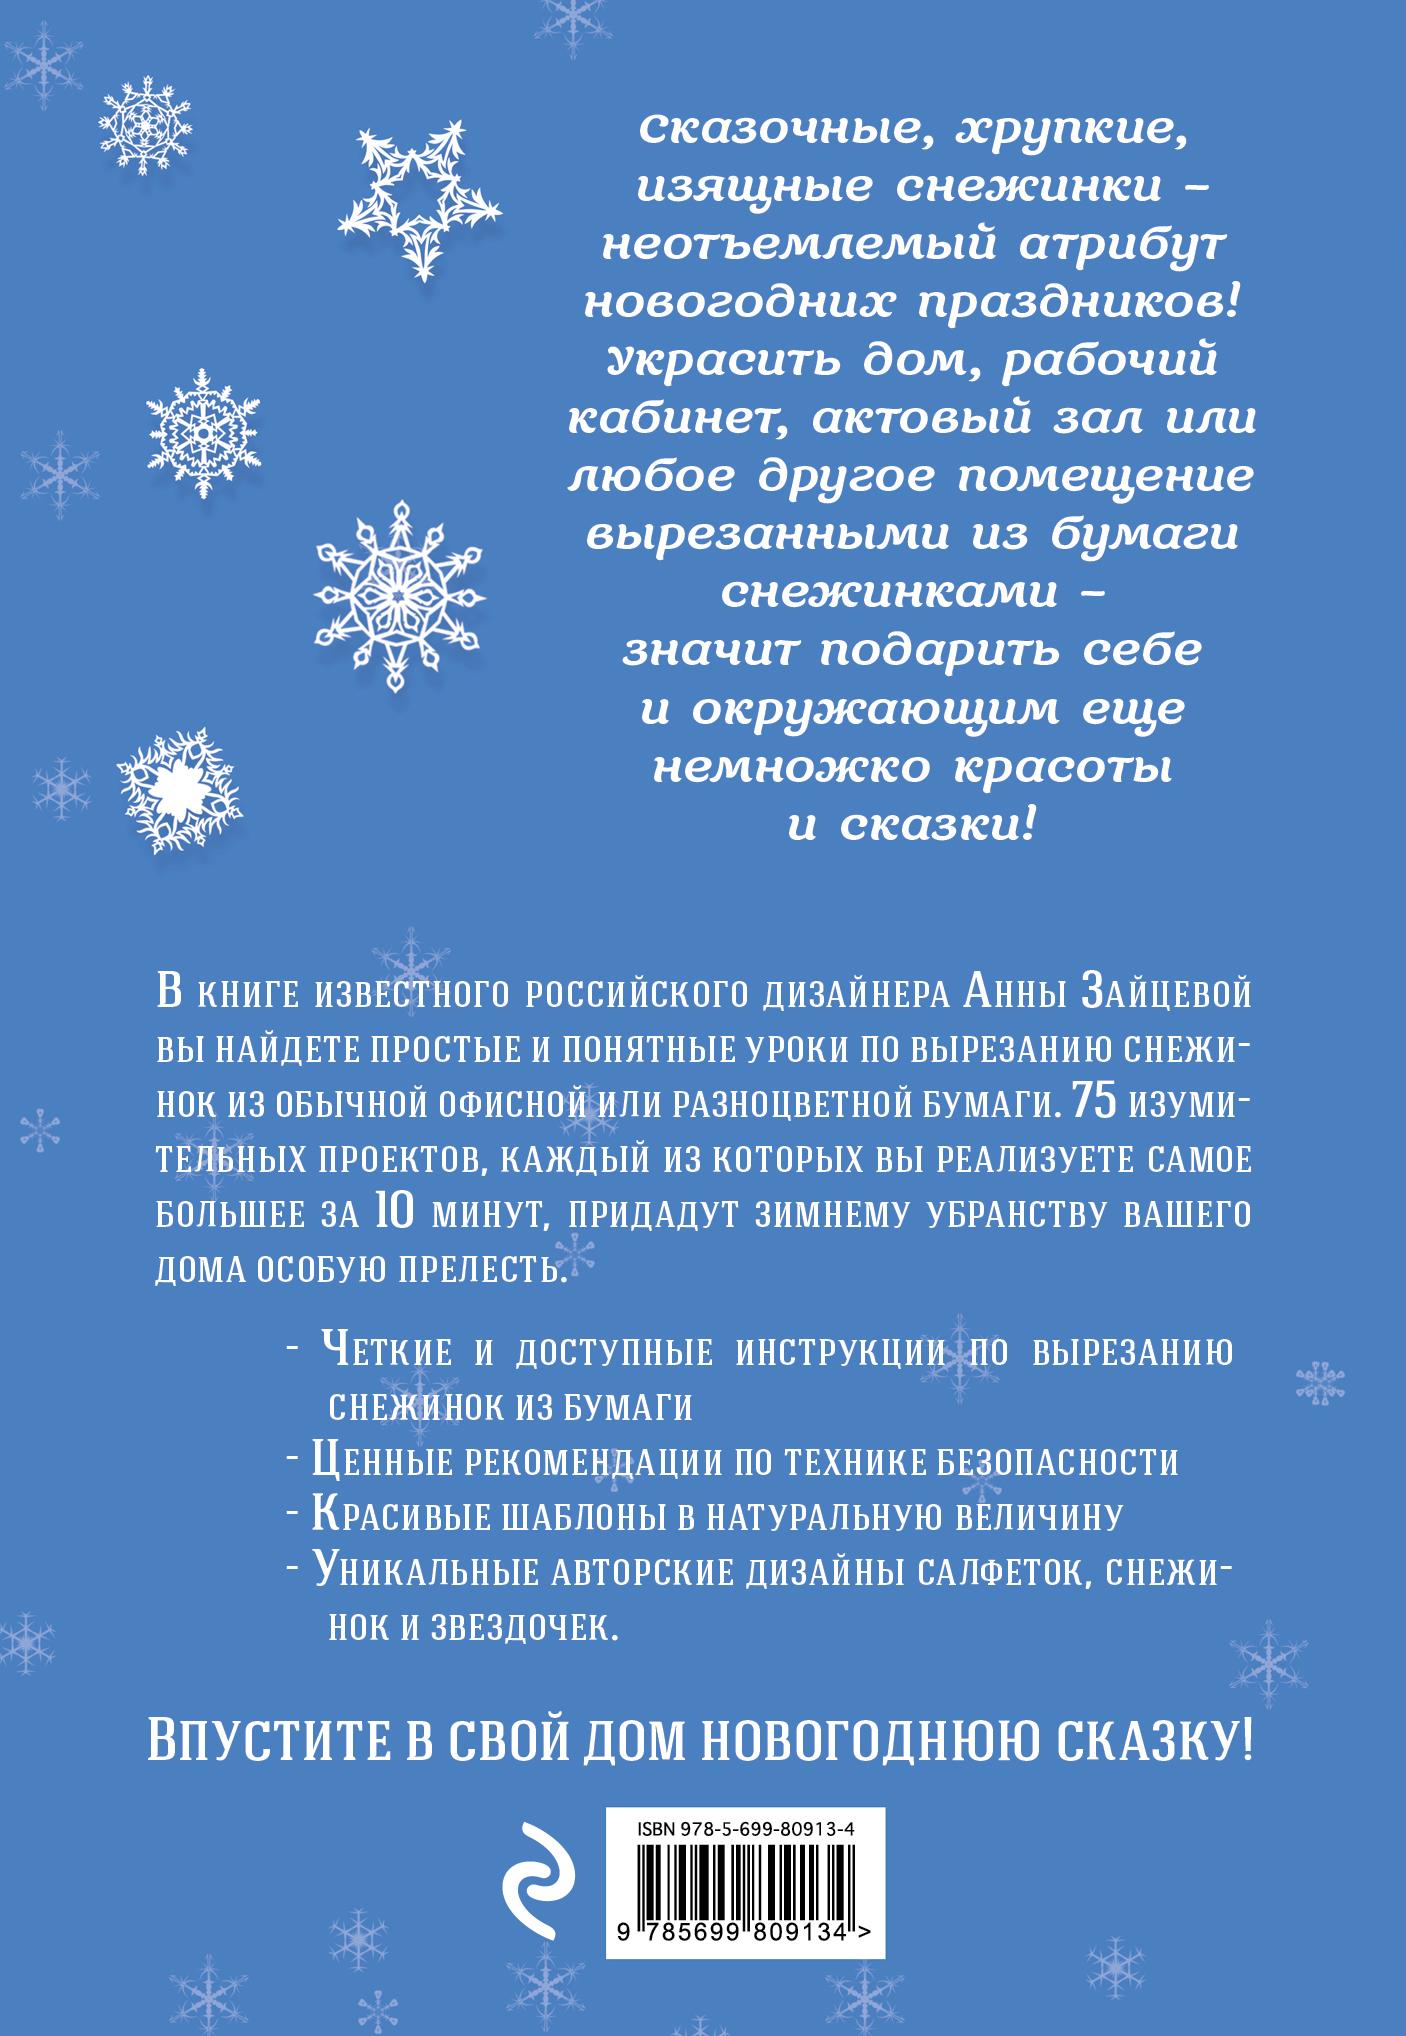 Анна Зайцева. 75 изумительных снежинок из бумаги